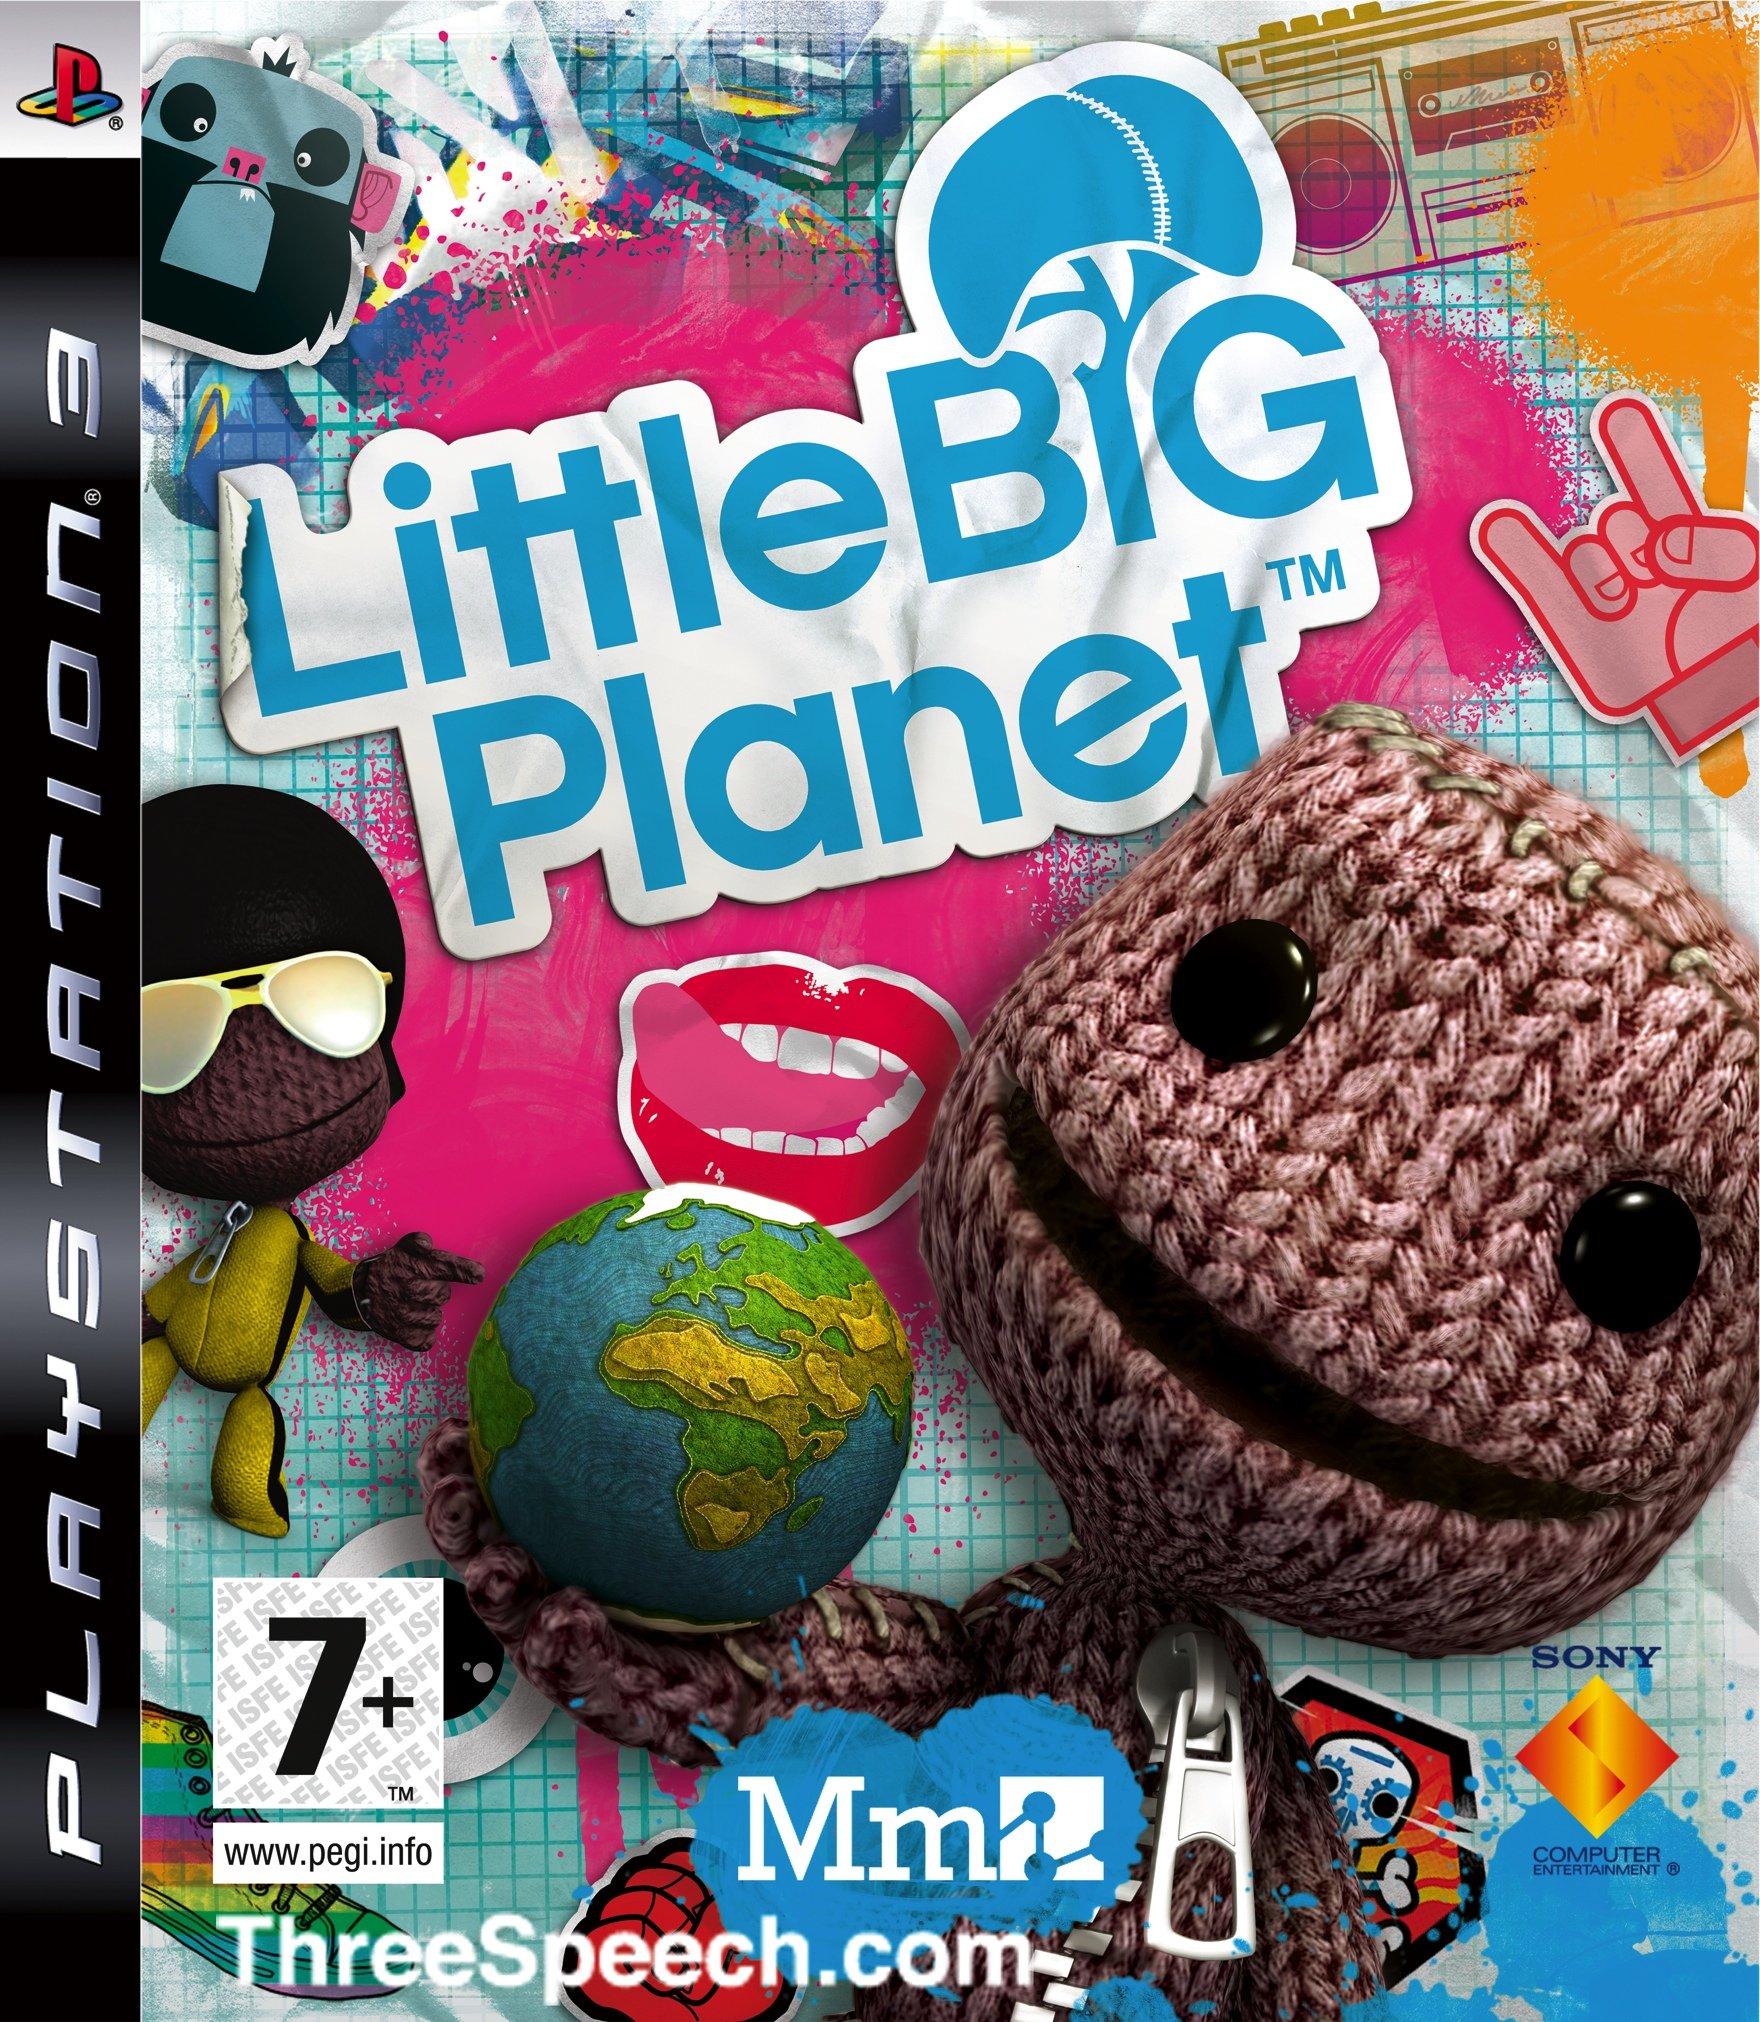 LittleBigPlanet PS3 divers jaquetteeuro